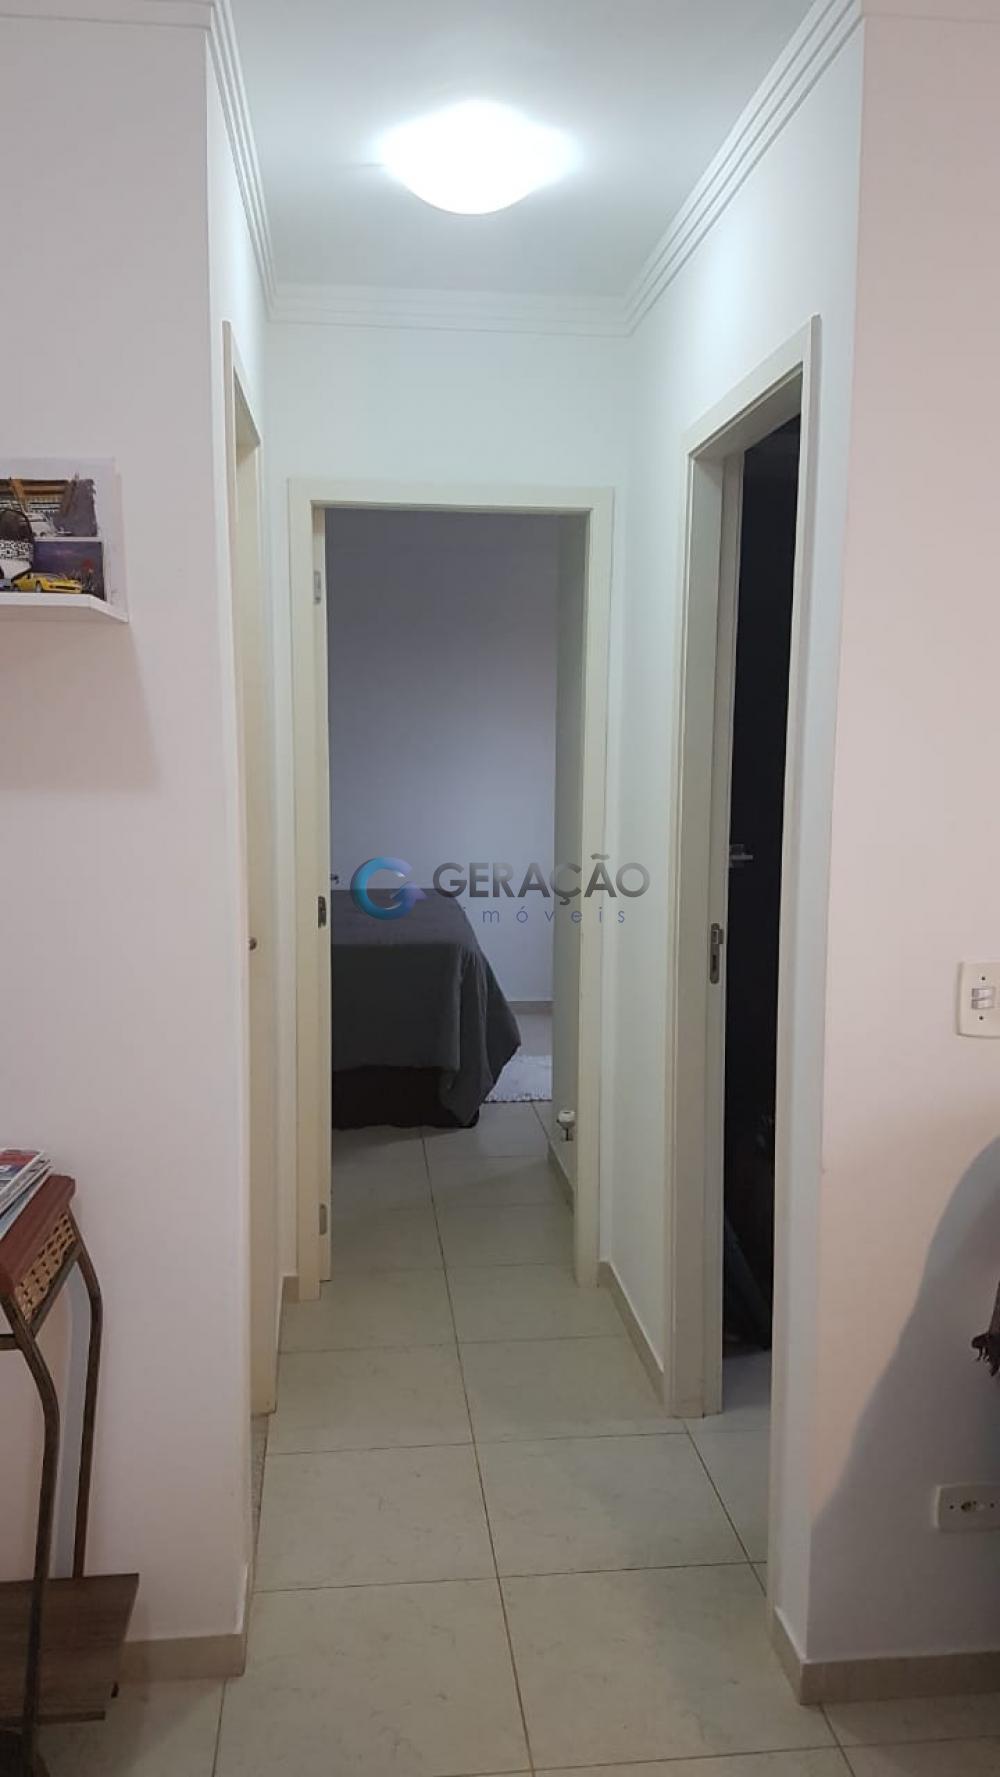 Comprar Apartamento / Padrão em São José dos Campos apenas R$ 245.000,00 - Foto 11